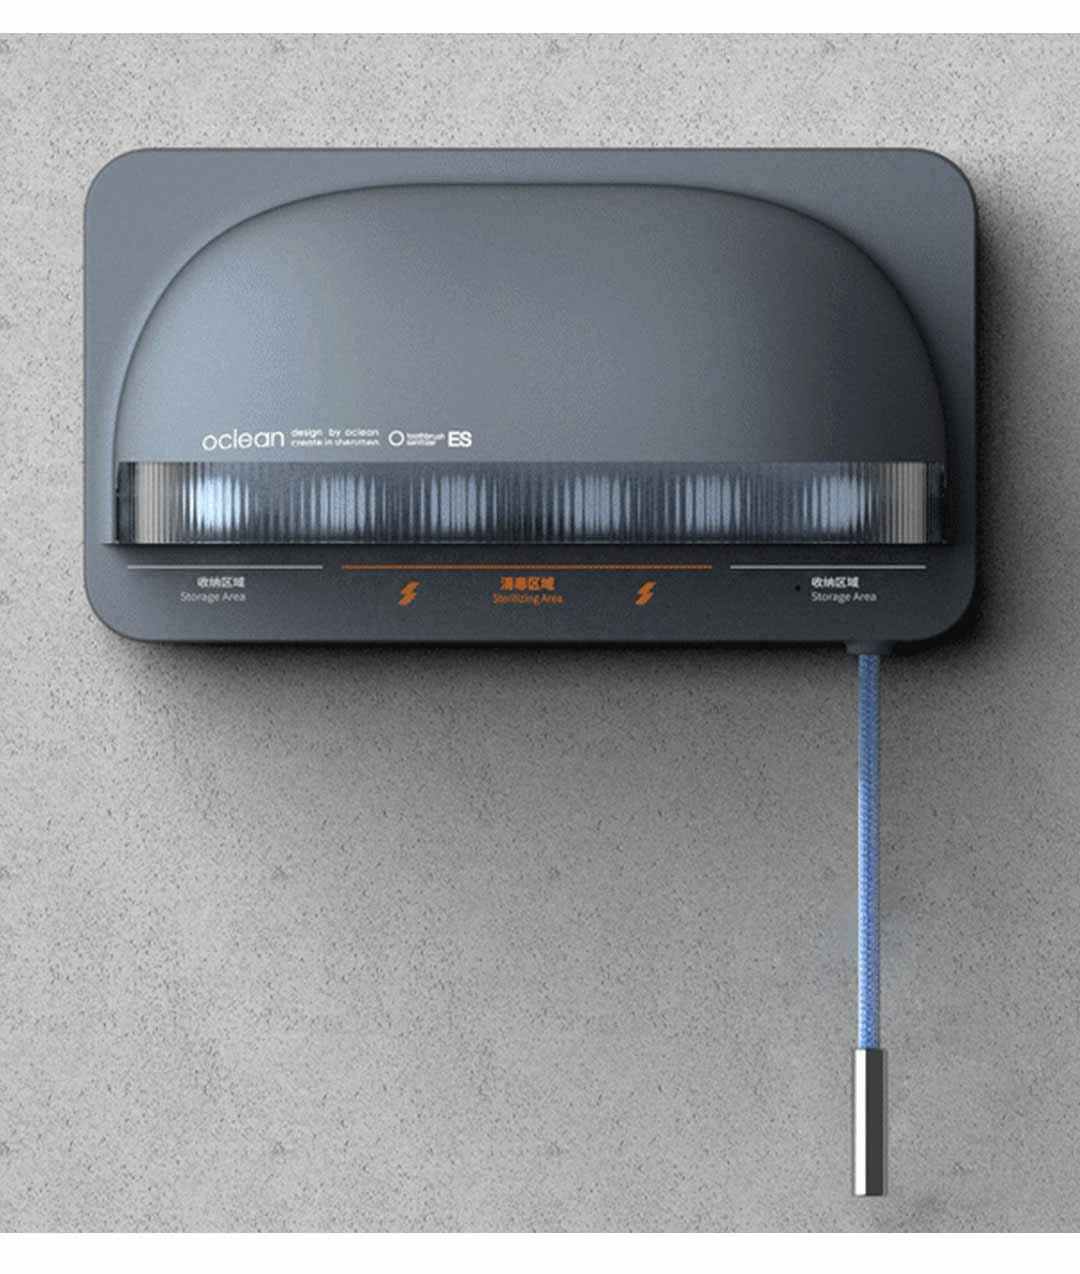 Oclean S1 sterylizator UV szczoteczek, wysyłka z Polski